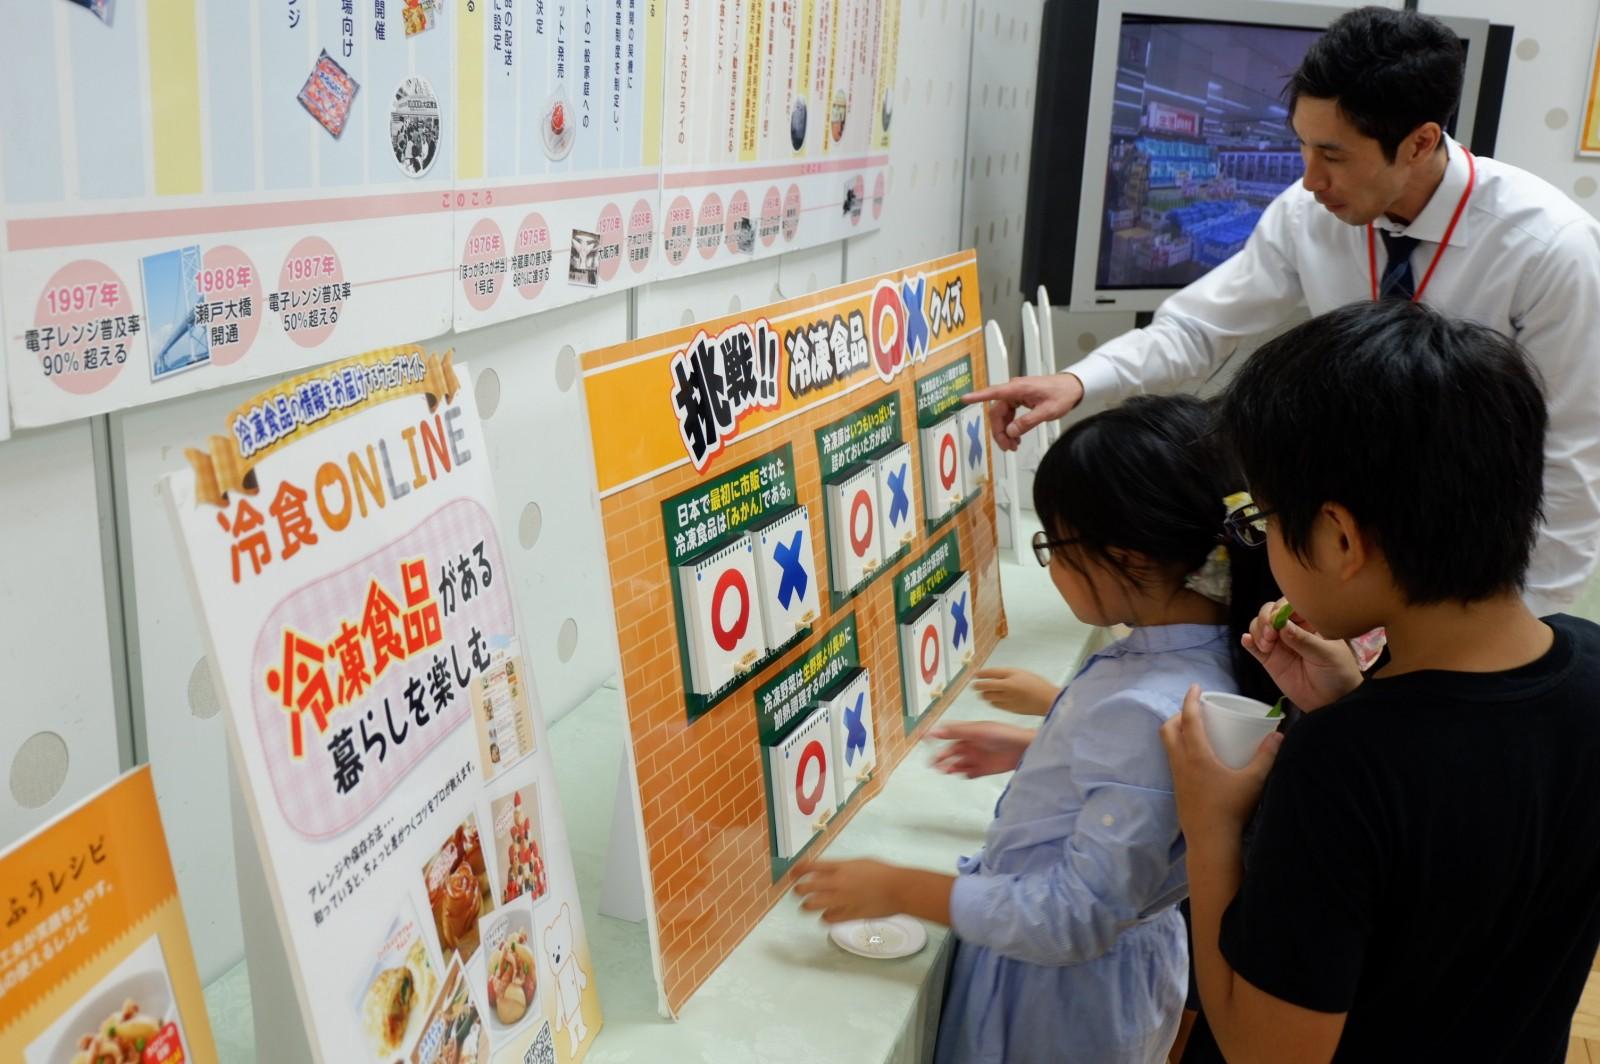 10月は『冷凍食品月間』、10月18日は『冷凍食品の日』 霞ヶ関の農水省1階「消費者の部屋」で特別展示。試食もあります!